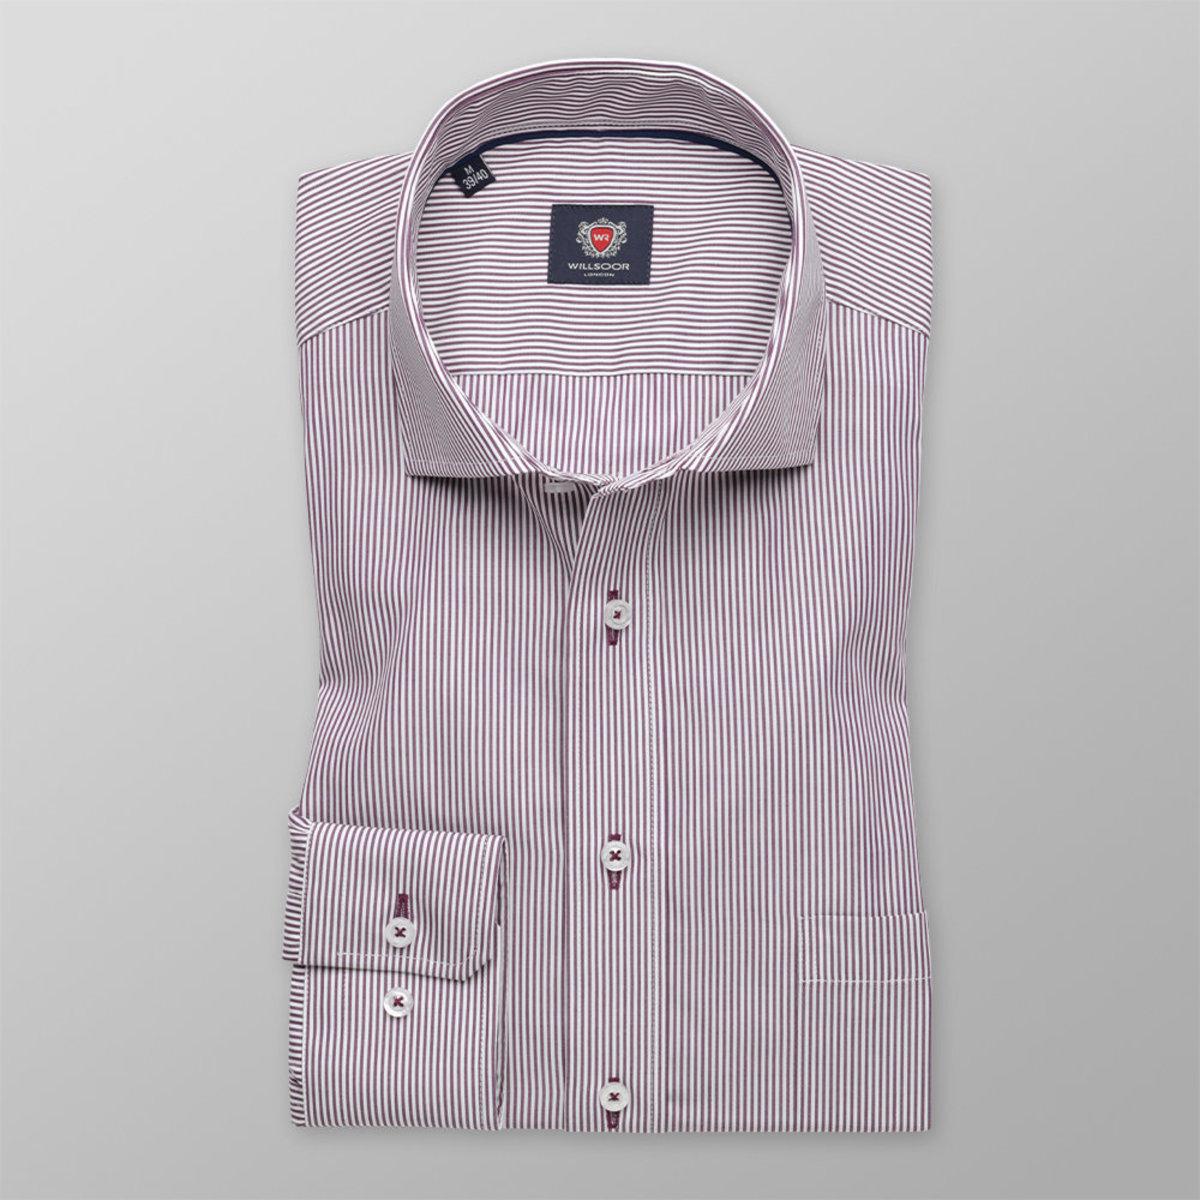 Pánska klasická košeľa London (výška 176-182) 8595 s farebnými pásikmi 176-182 / L (41/42)